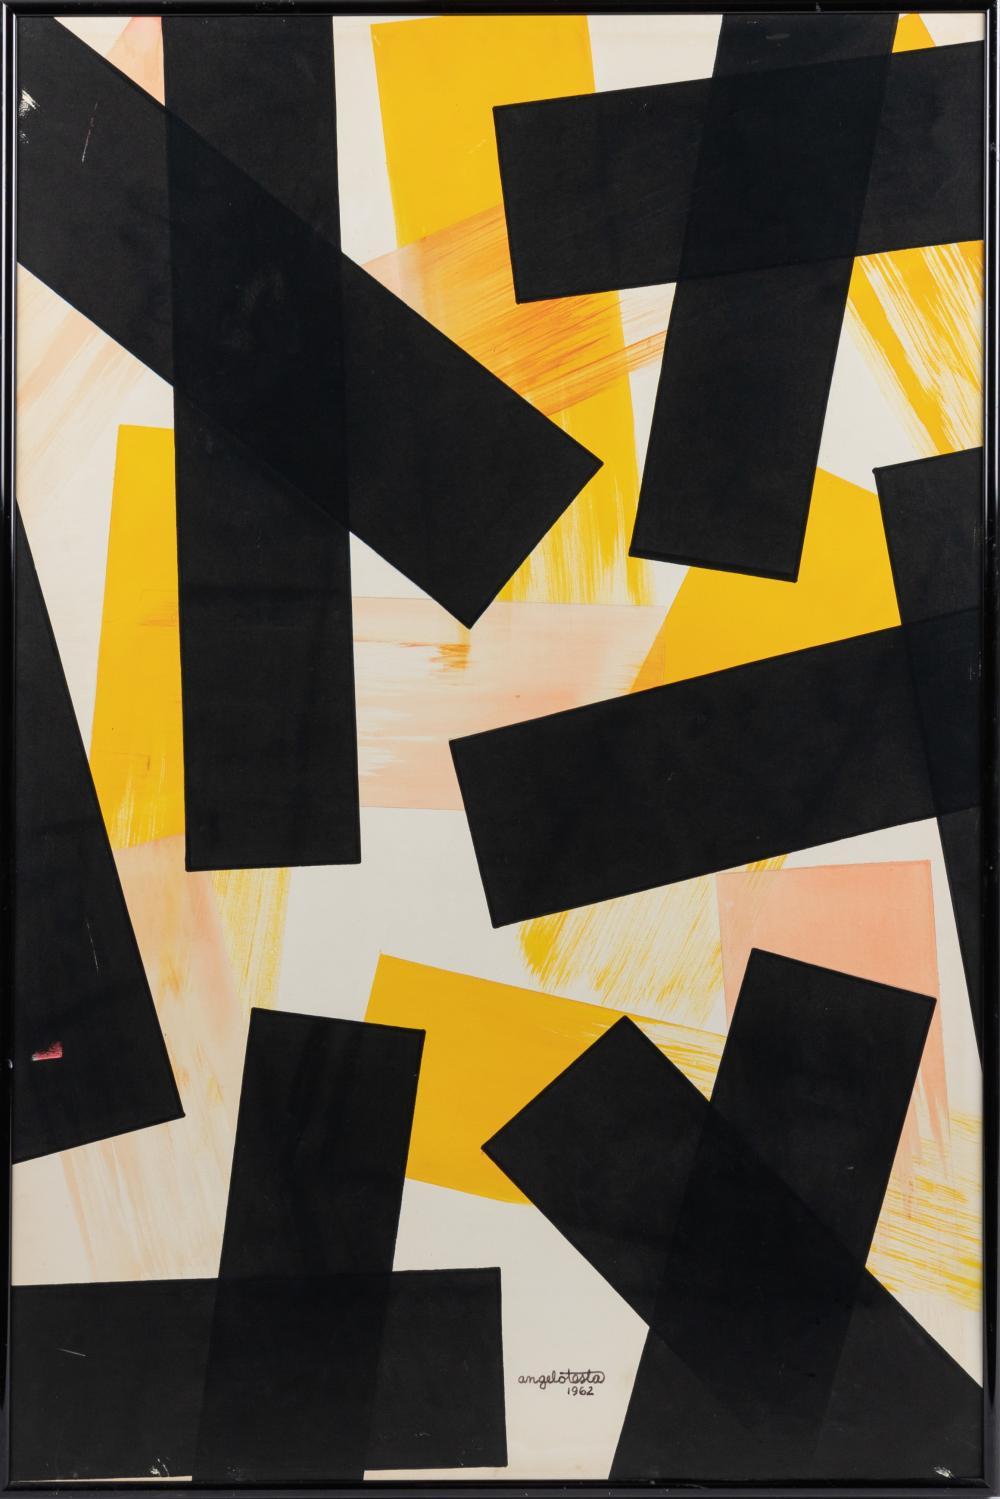 Angelo Testa - Watercolor on Board - 1962